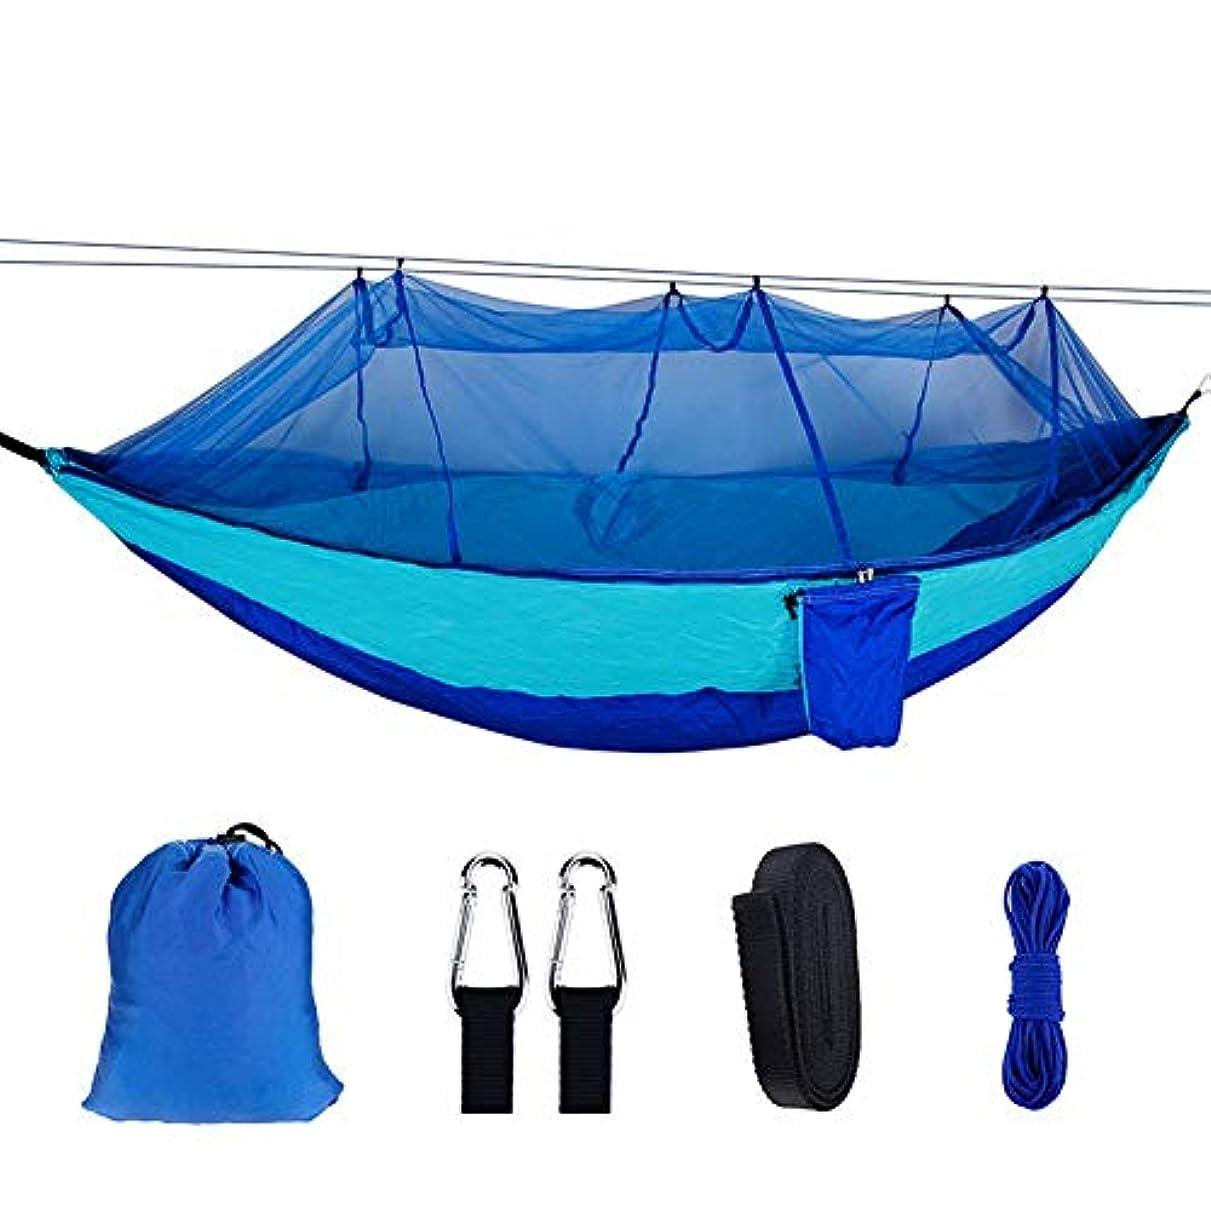 本会議トランスミッション従順RMJAI 蚊帳付きキャンプハンモック、蚊ハンモックパラシュート、旅行スイングベッド、キャンプ用ハンモック軽量201Tナイロン102.4x55.1in (色 : 青)